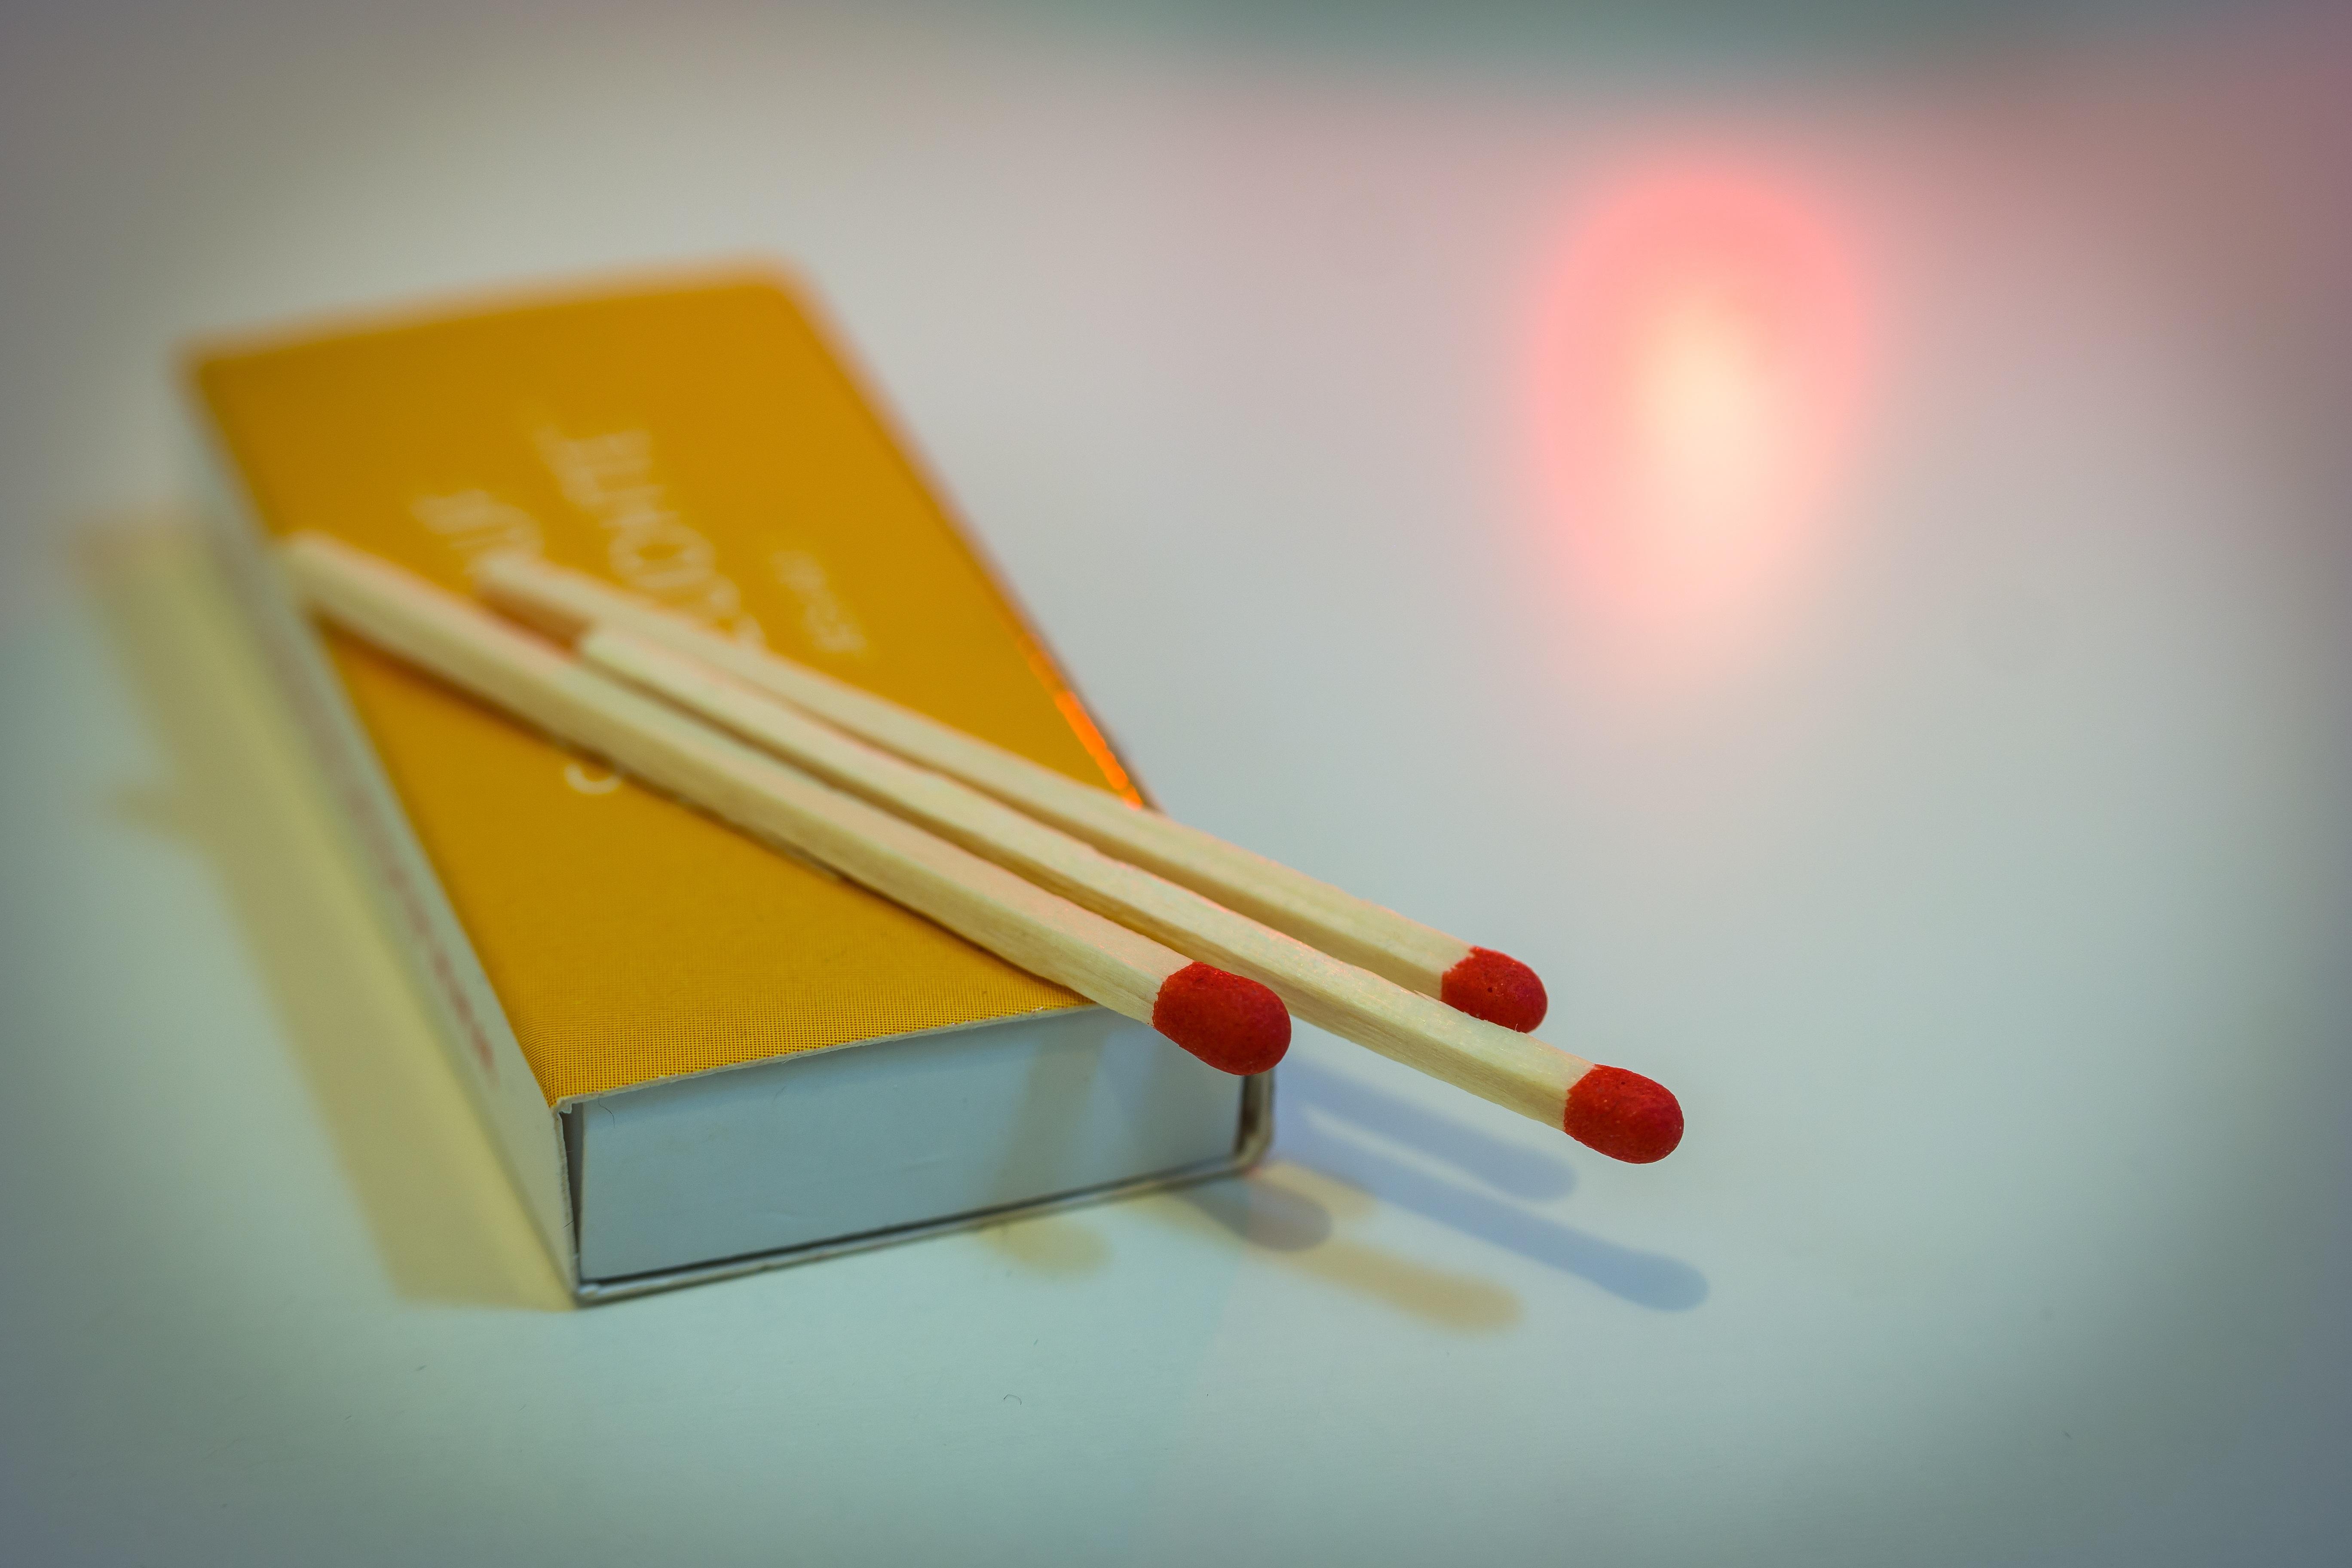 マッチ箱 小箱に詰まった実用と図案 (前編)